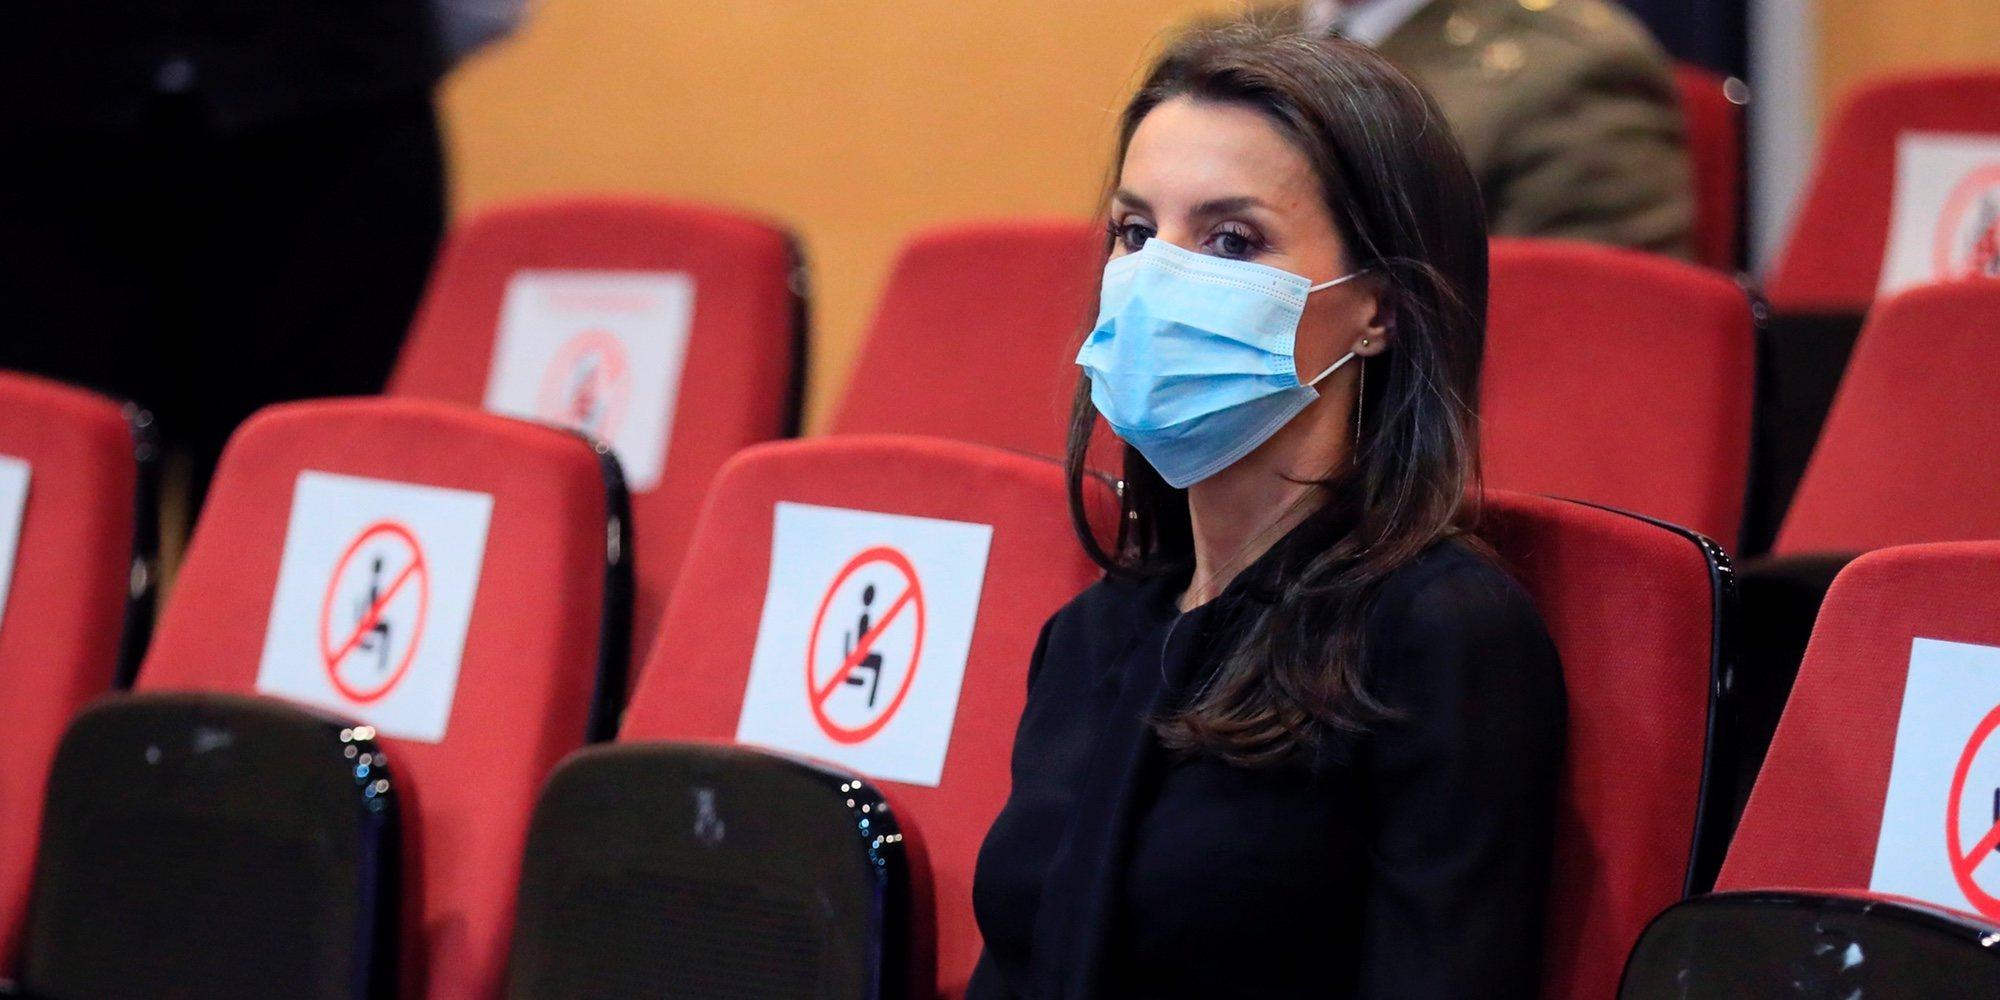 La Reina Letizia en los Premios Nacionales de la Moda: de la blusa indiscreta al gesto provocado por la pandemia